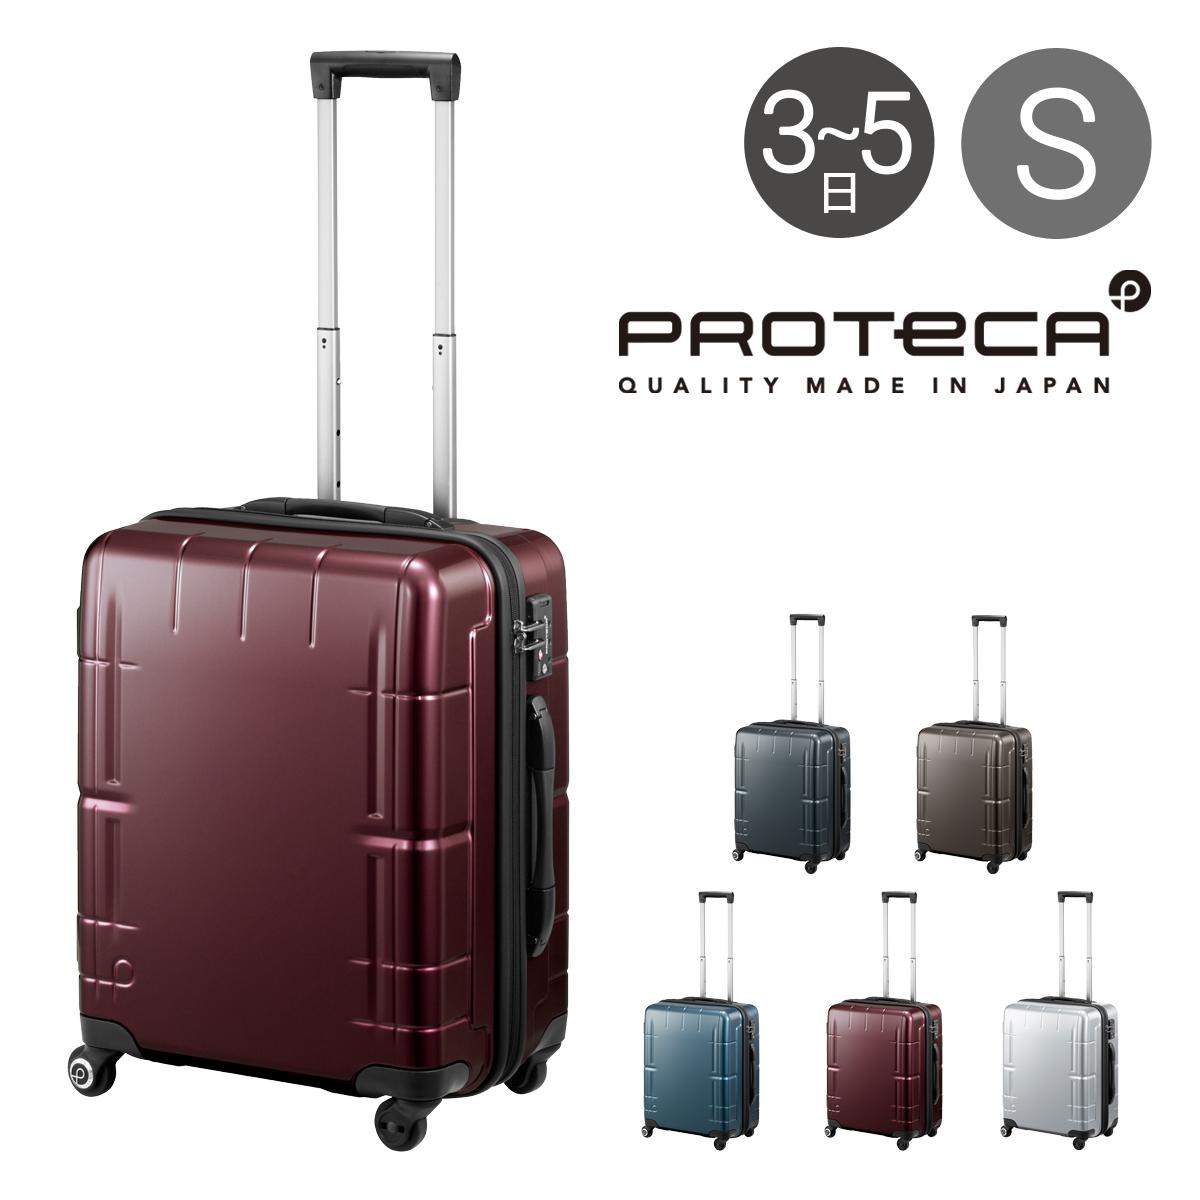 プロテカ スーツケース 53L 51cm 3.7kg スタリアVs 02952 日本製 PROTECA ハード ファスナー キャリーバッグ キャリーケース 軽量 ストッパー付き 静音 TSAロック搭載 3年保証[PO10][bef]